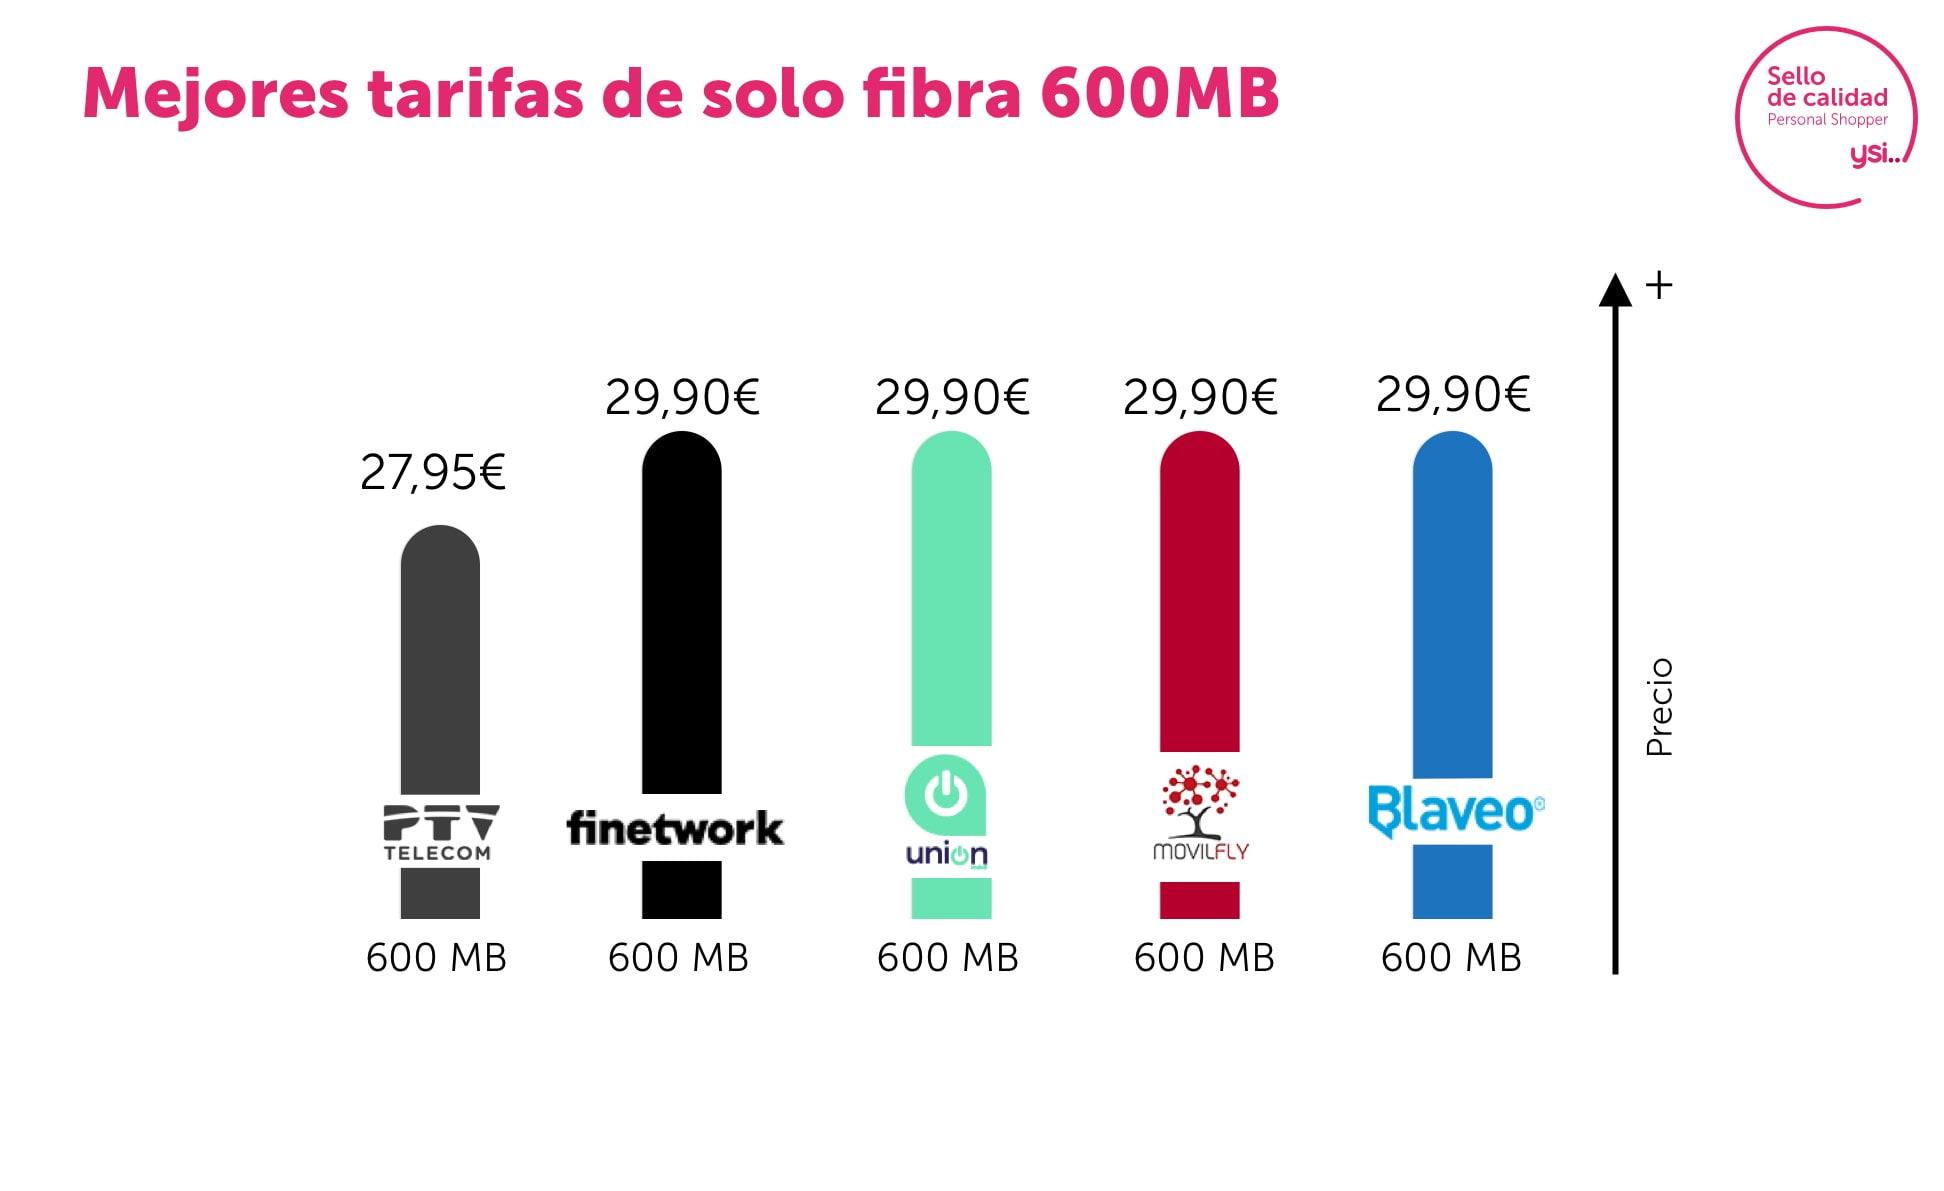 Mejores tarifas fibra 600Mb